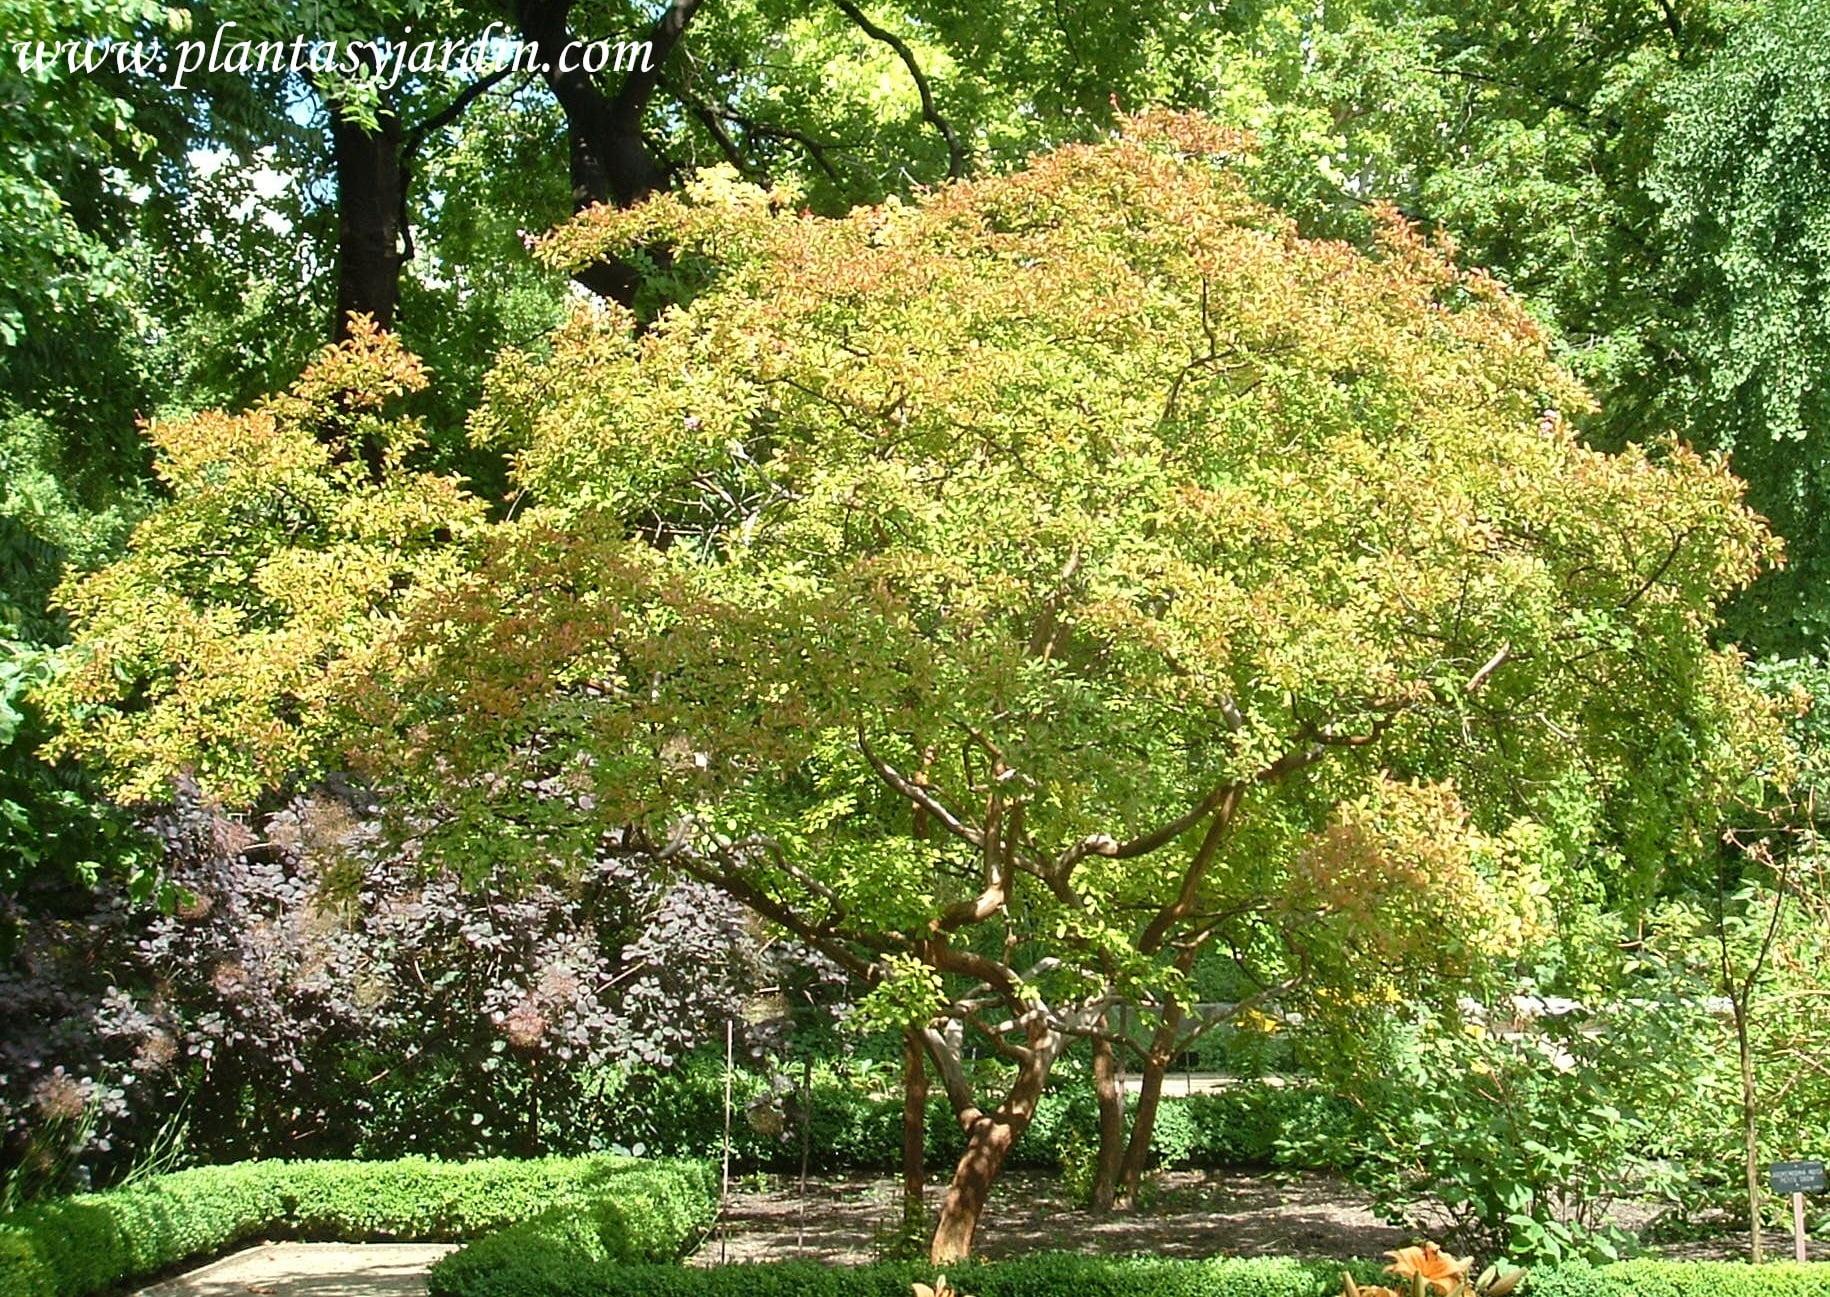 Rboles para jardines peque os plantas jard n part 2 for Arboles con flores para jardin